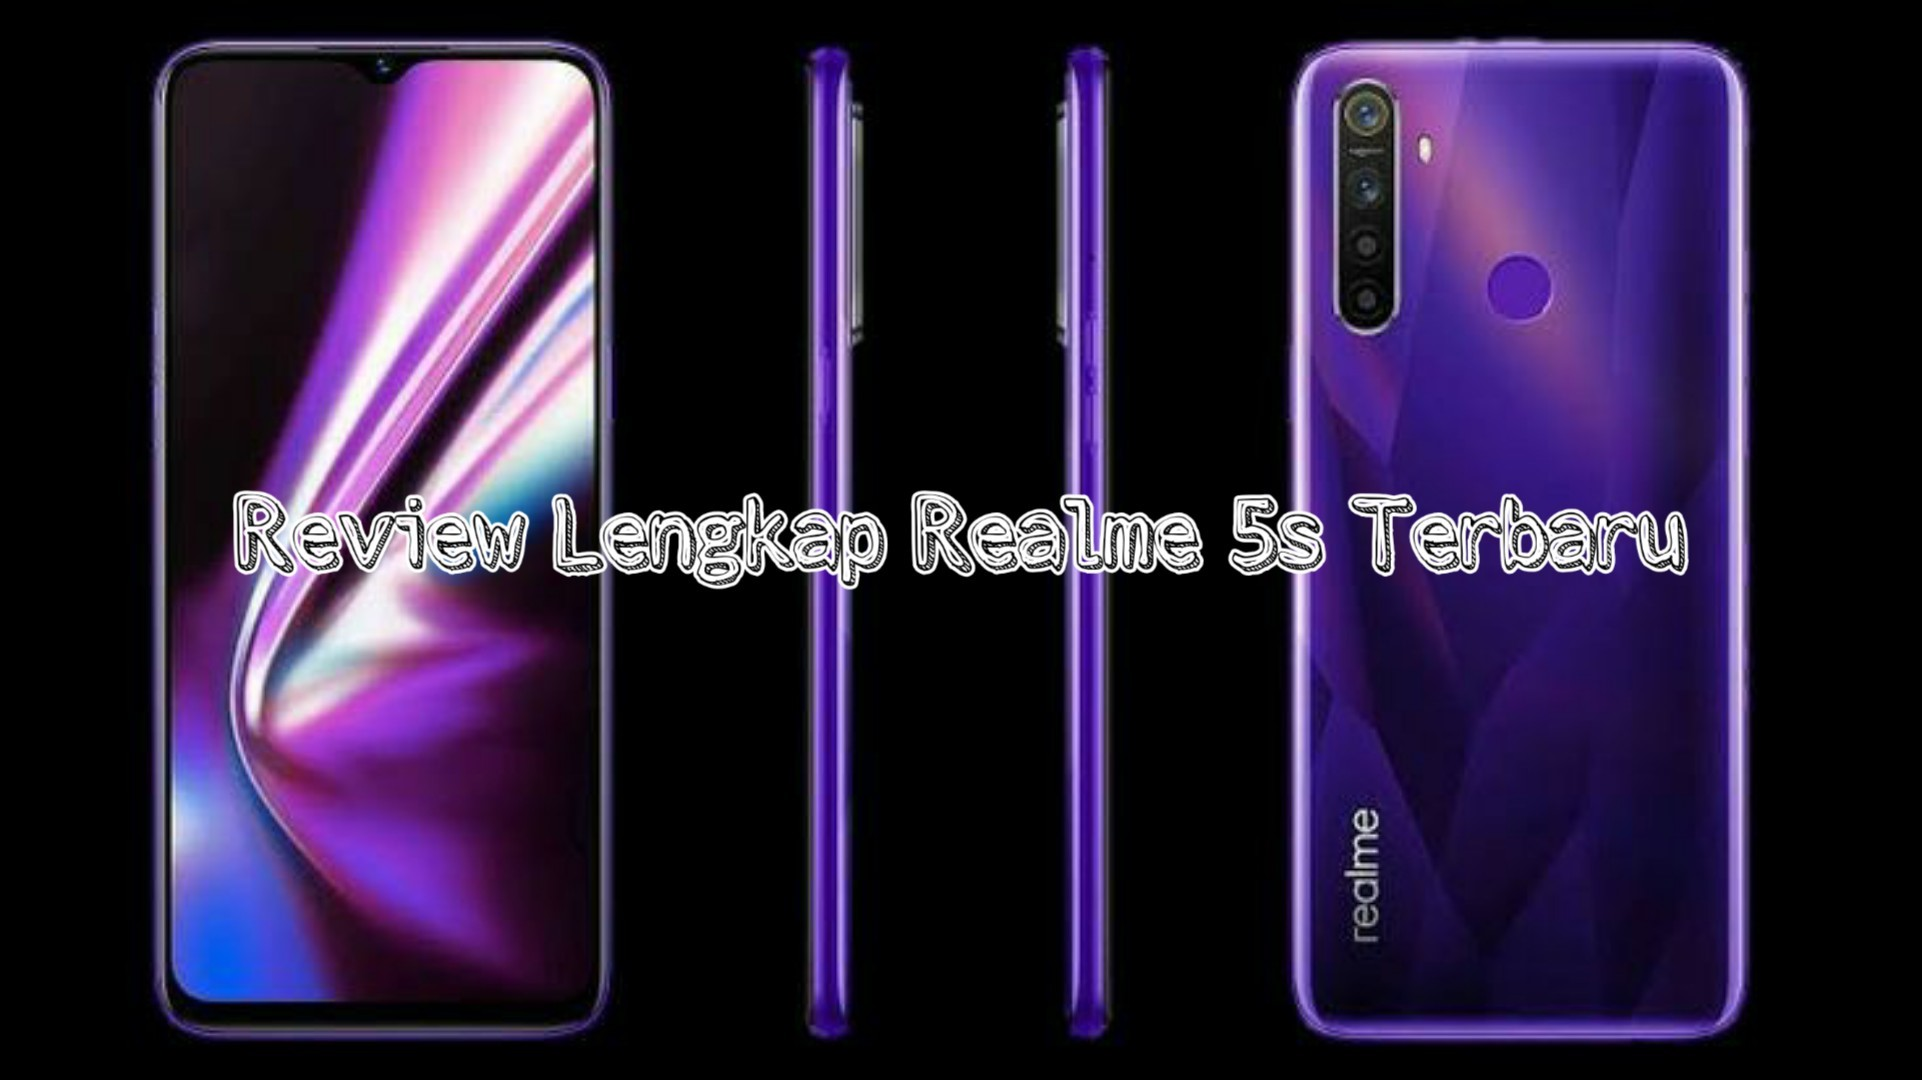 Review Lengkap Realme 5S Terbaru